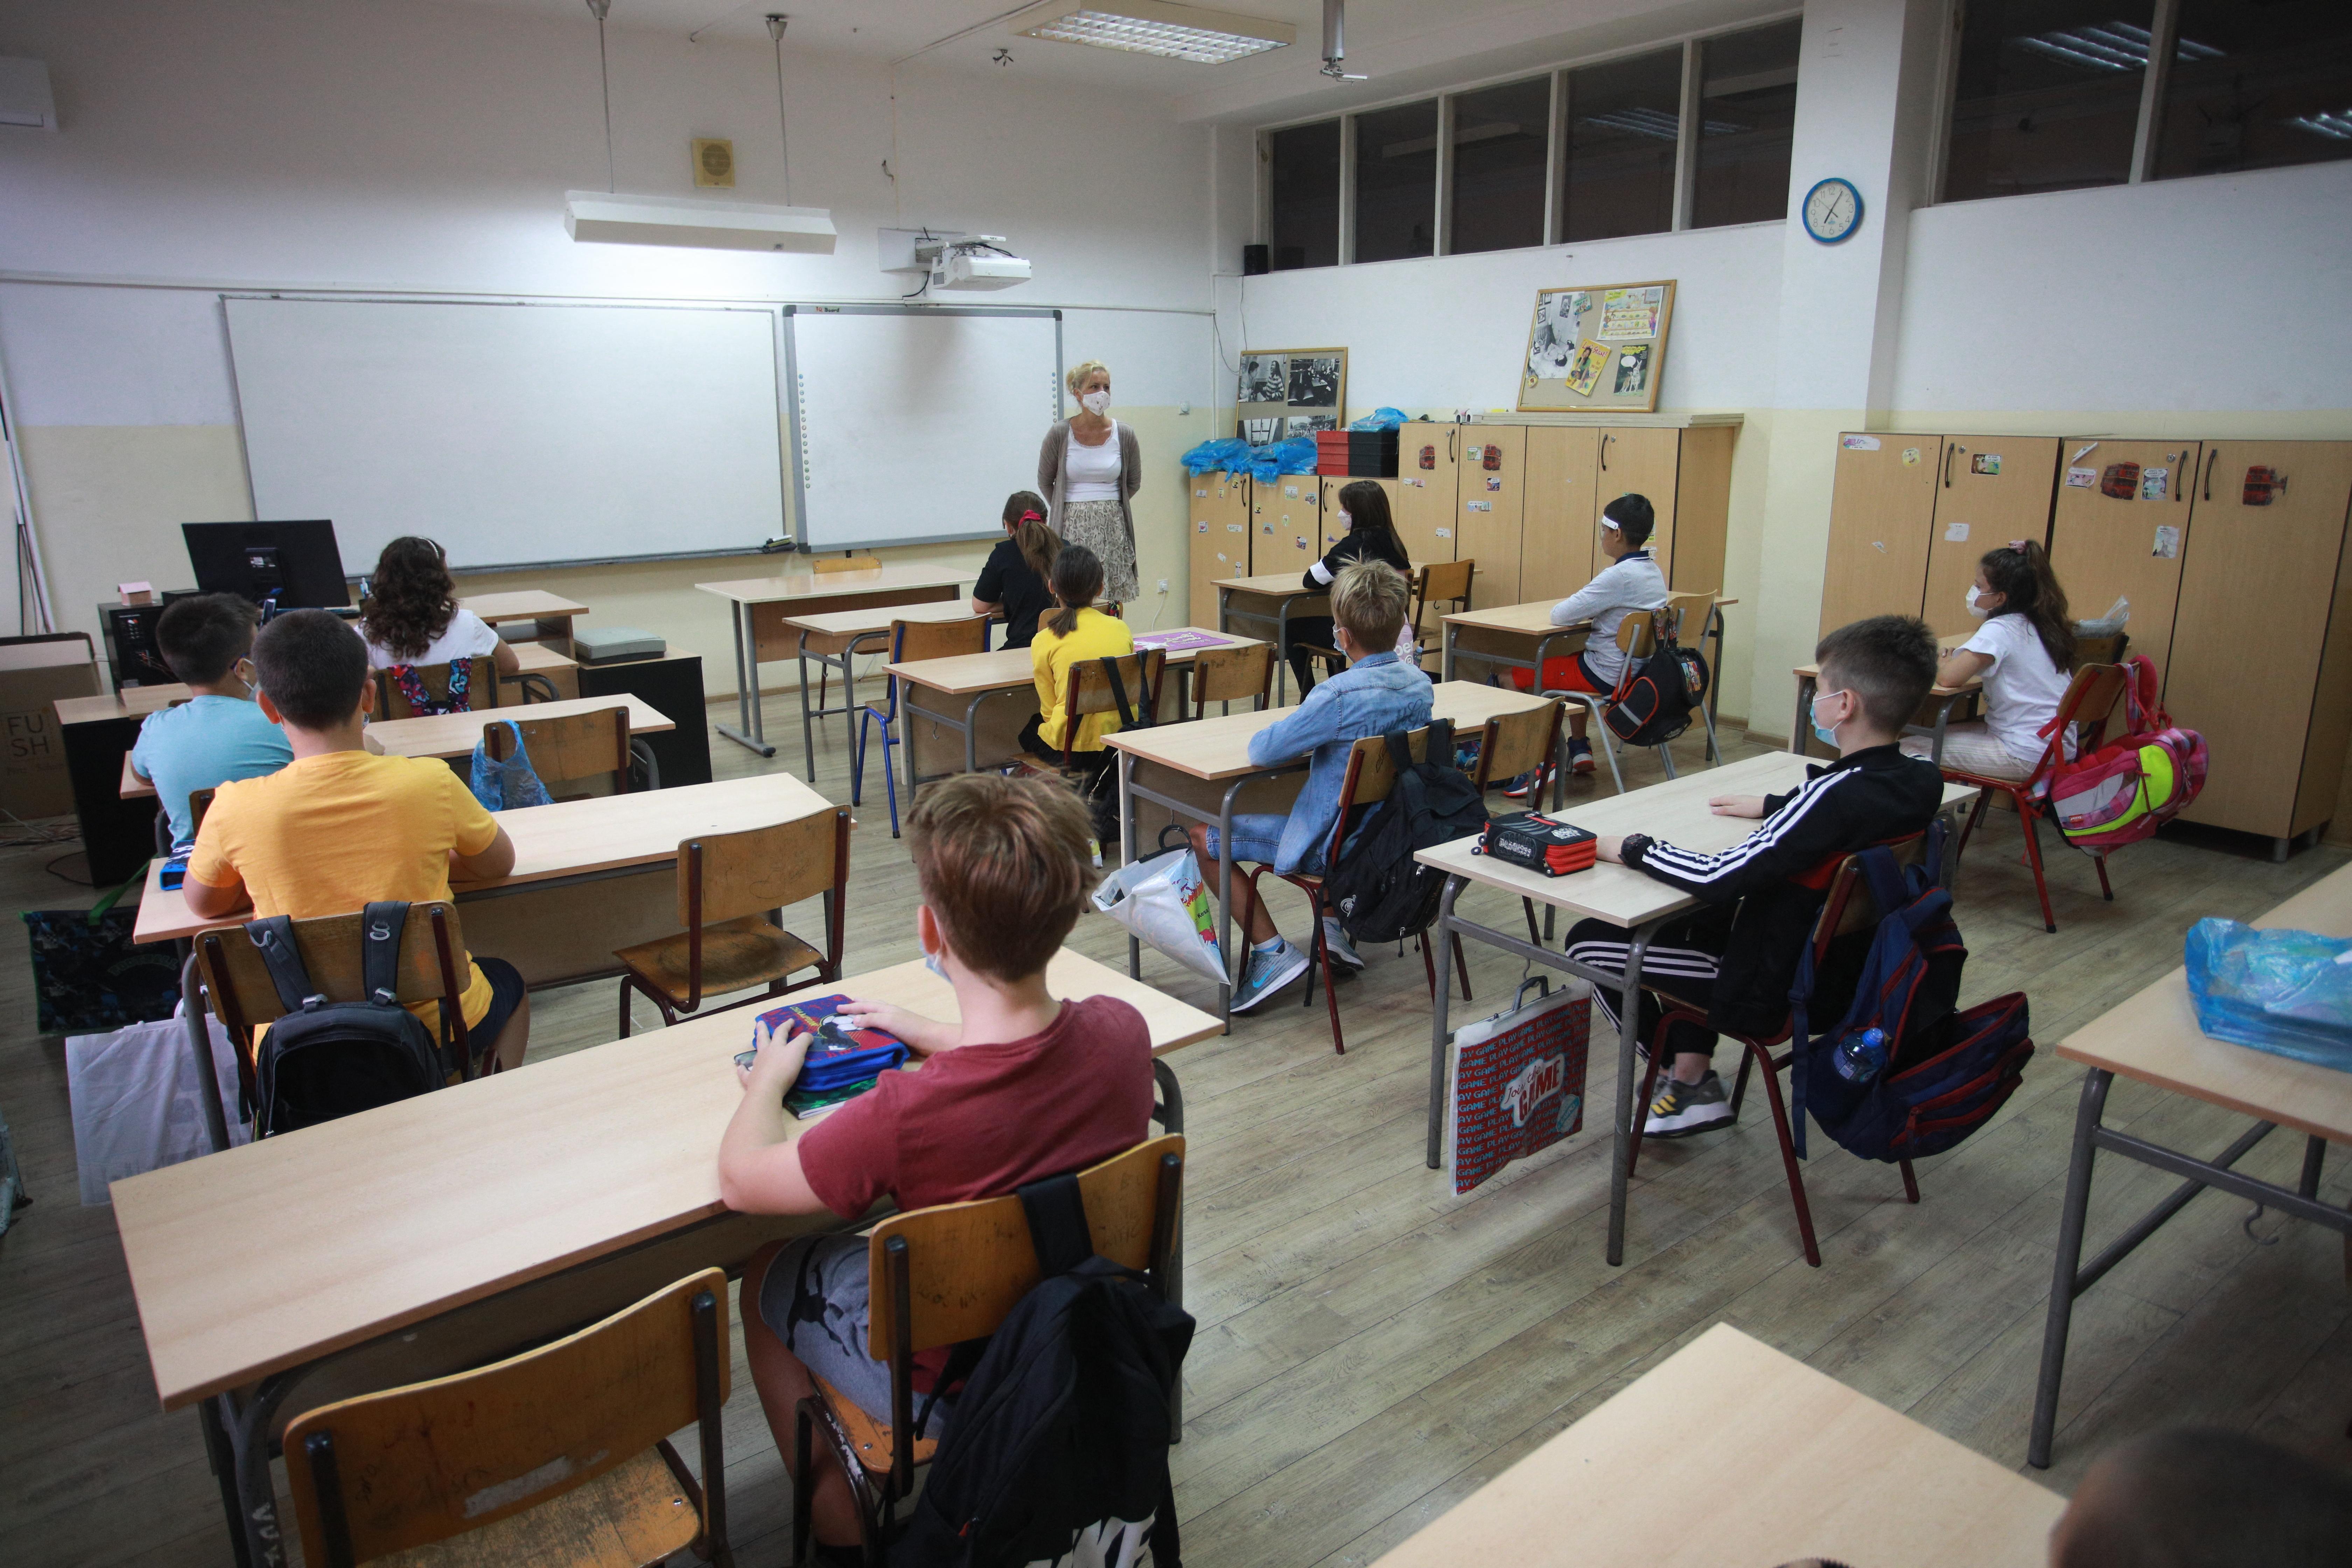 Két hét után újra kötelezővé tették az iskolai maszkviselést Szerbiában